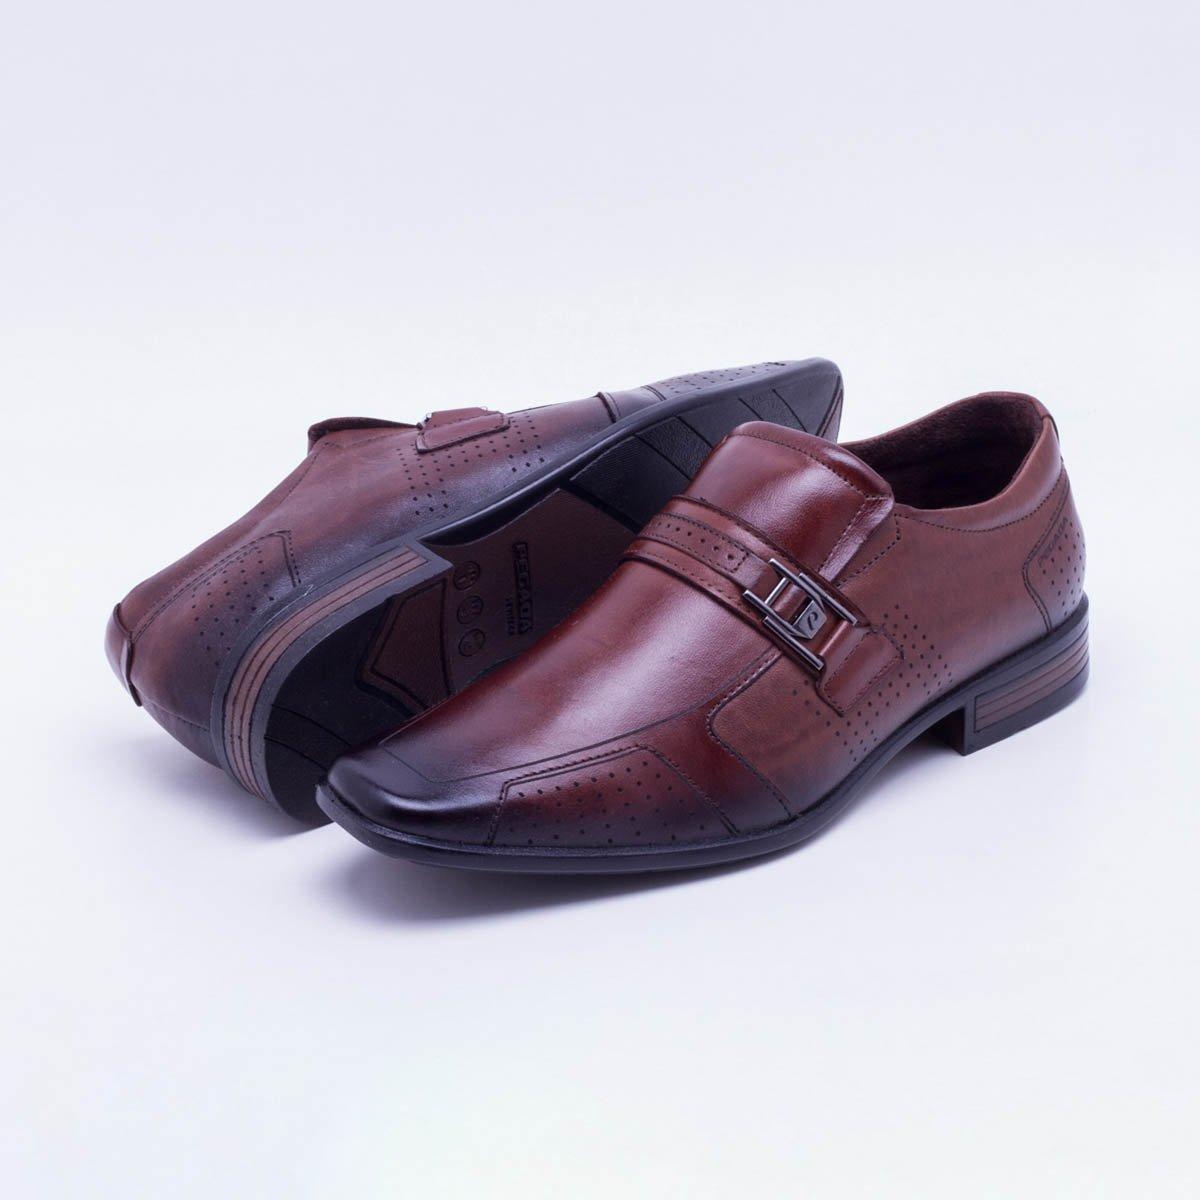 8470df03e9 Sapato Social Couro Pegada Fivela Pinhão Masculino - Compre Agora ...